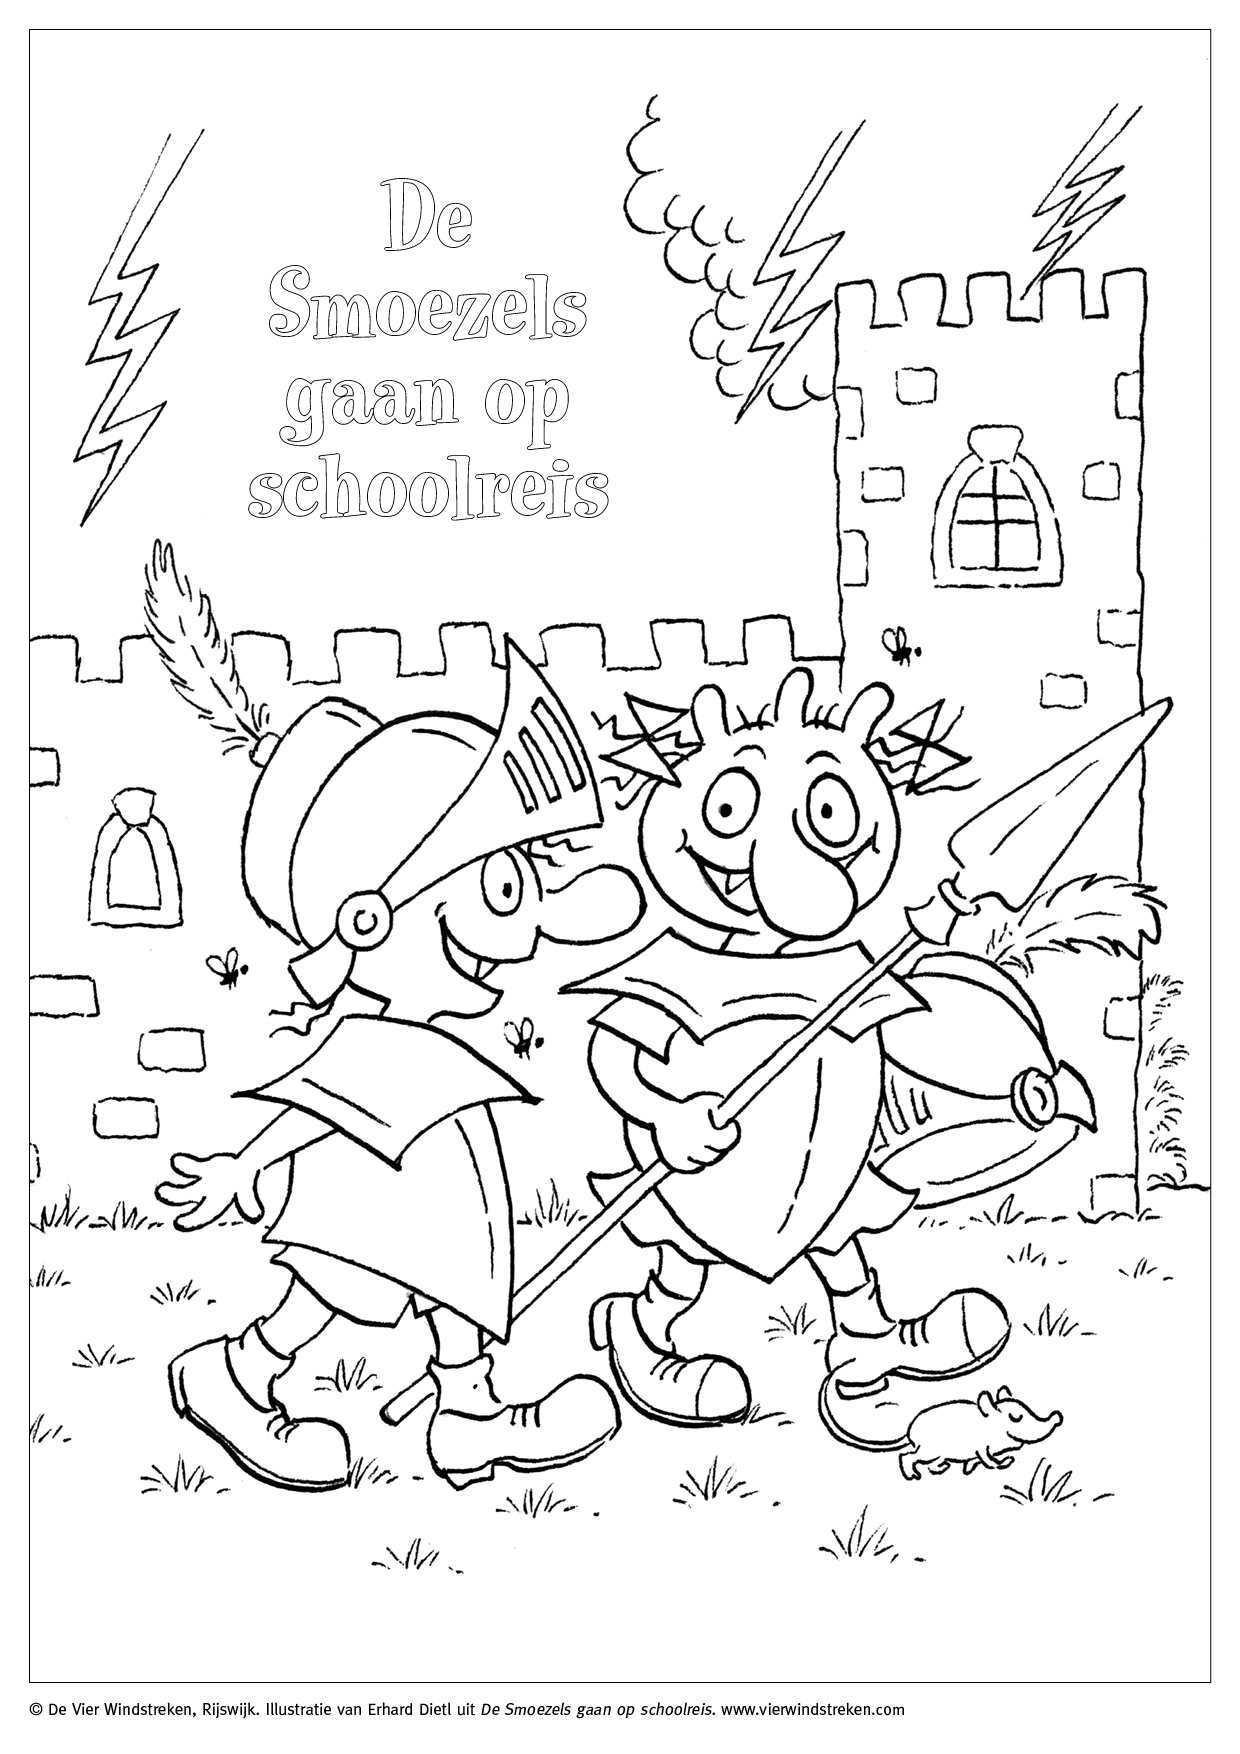 Kleurplaat De Smoezels gaan op schoolreis